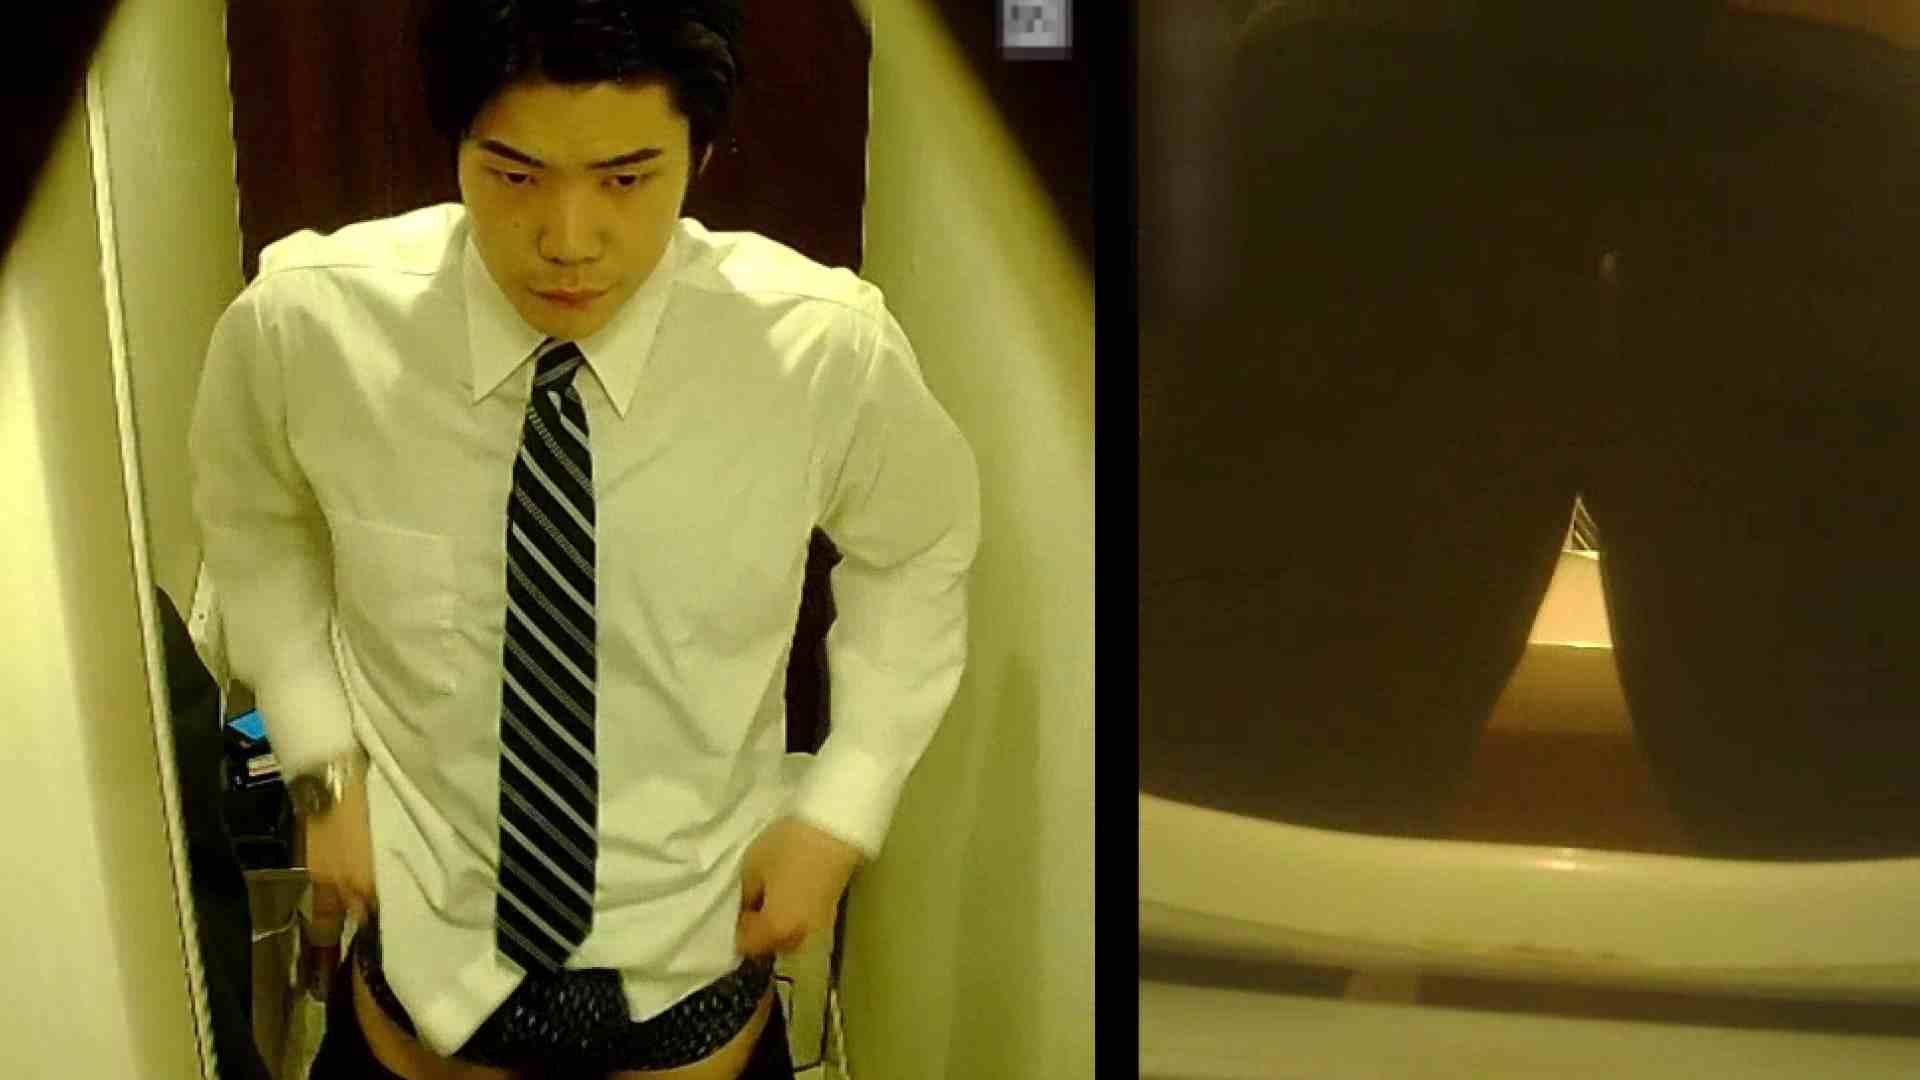 イケメンの素顔in洗面所 Vol.09 イケメンのsex | 0  74pic 40